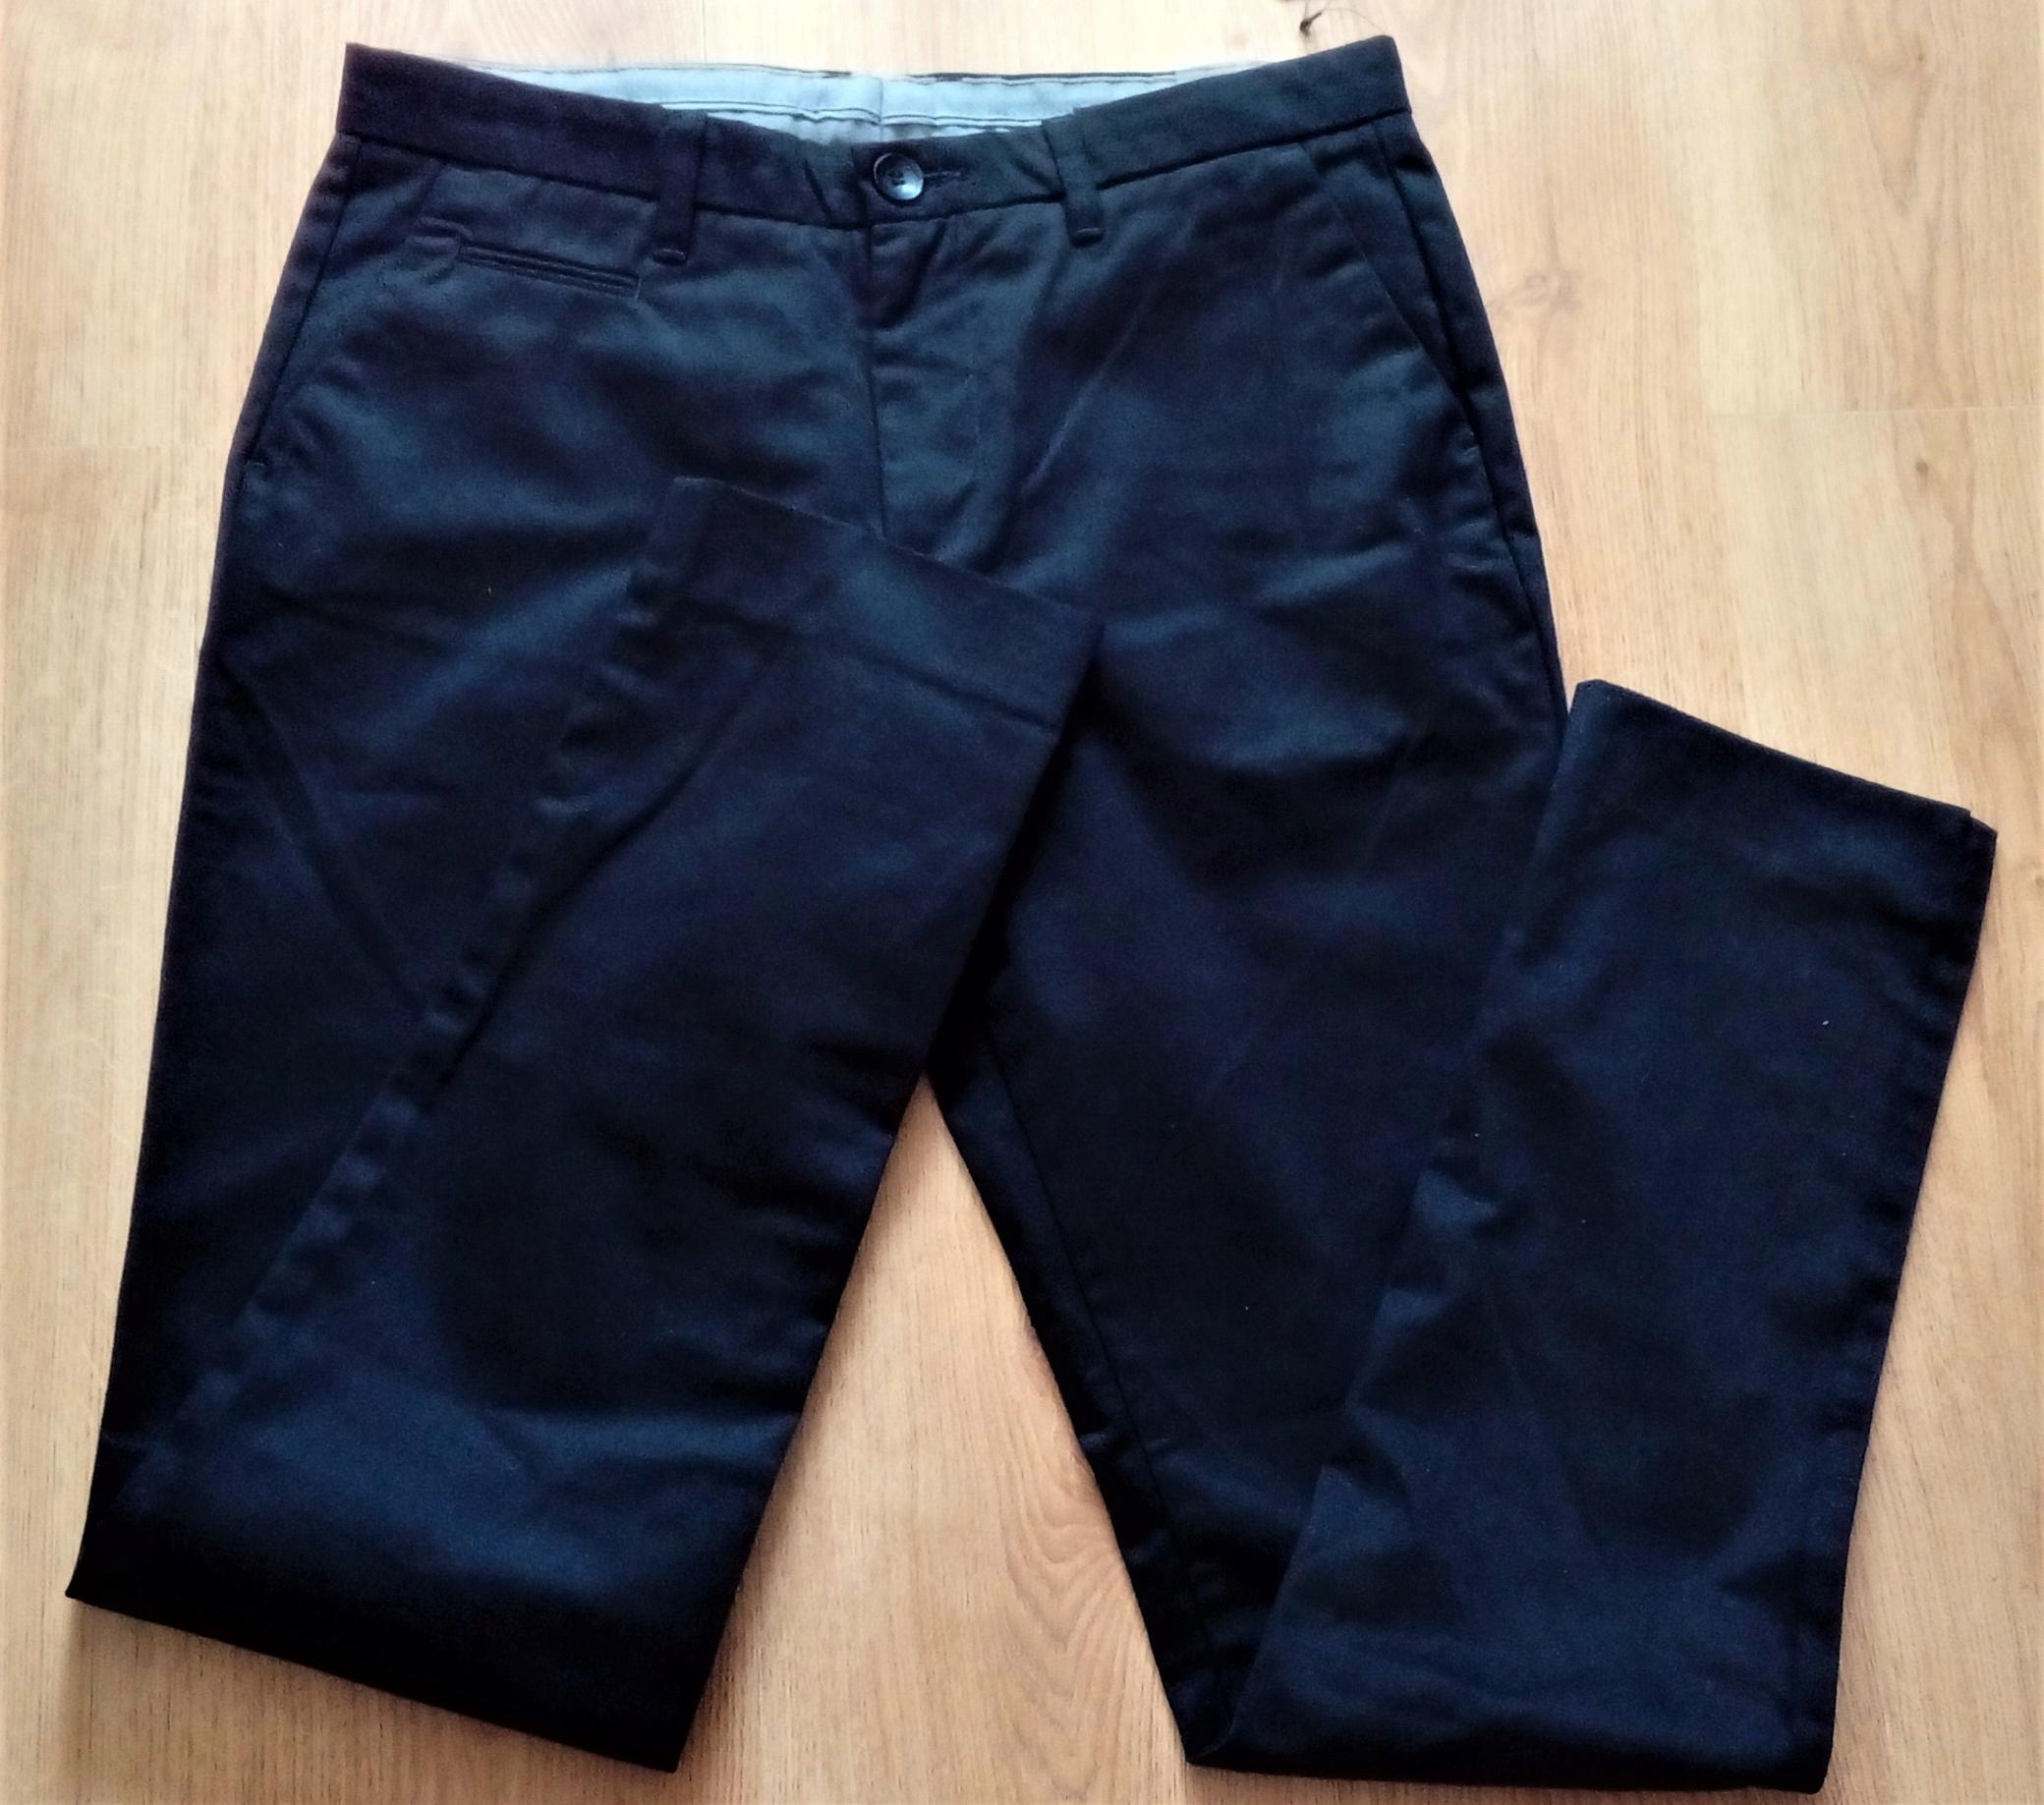 Czarne męskie eleganckie spodnie 48 Reserved slim